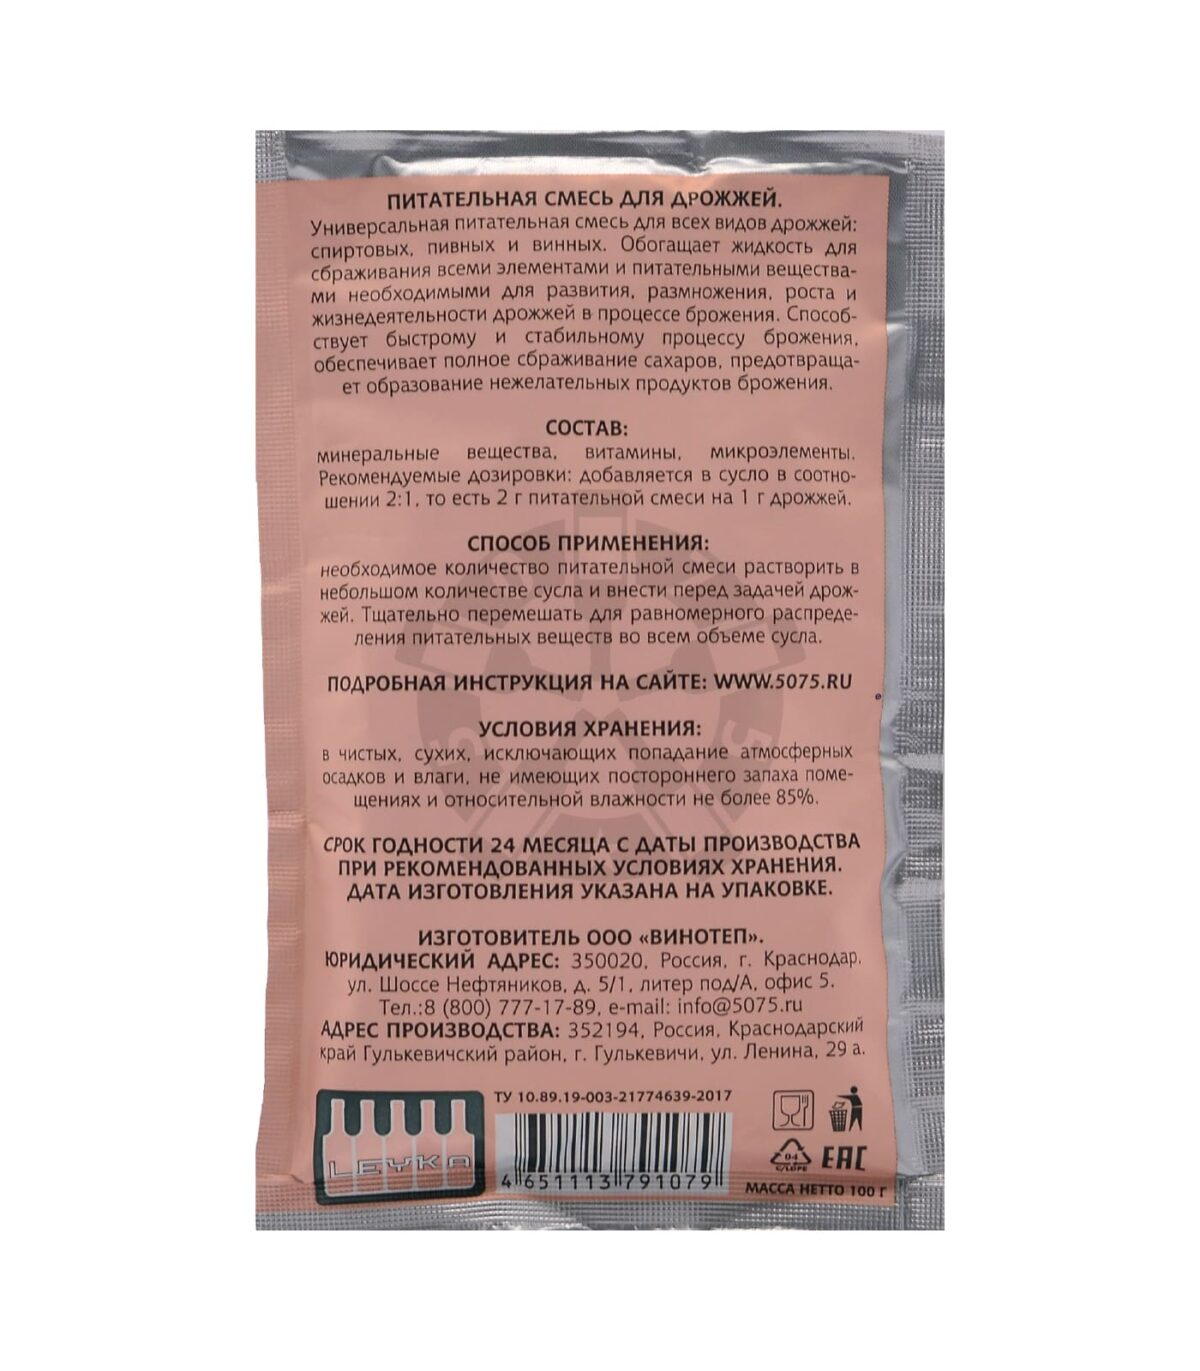 Питательная смесь для дрожжей, 100 г